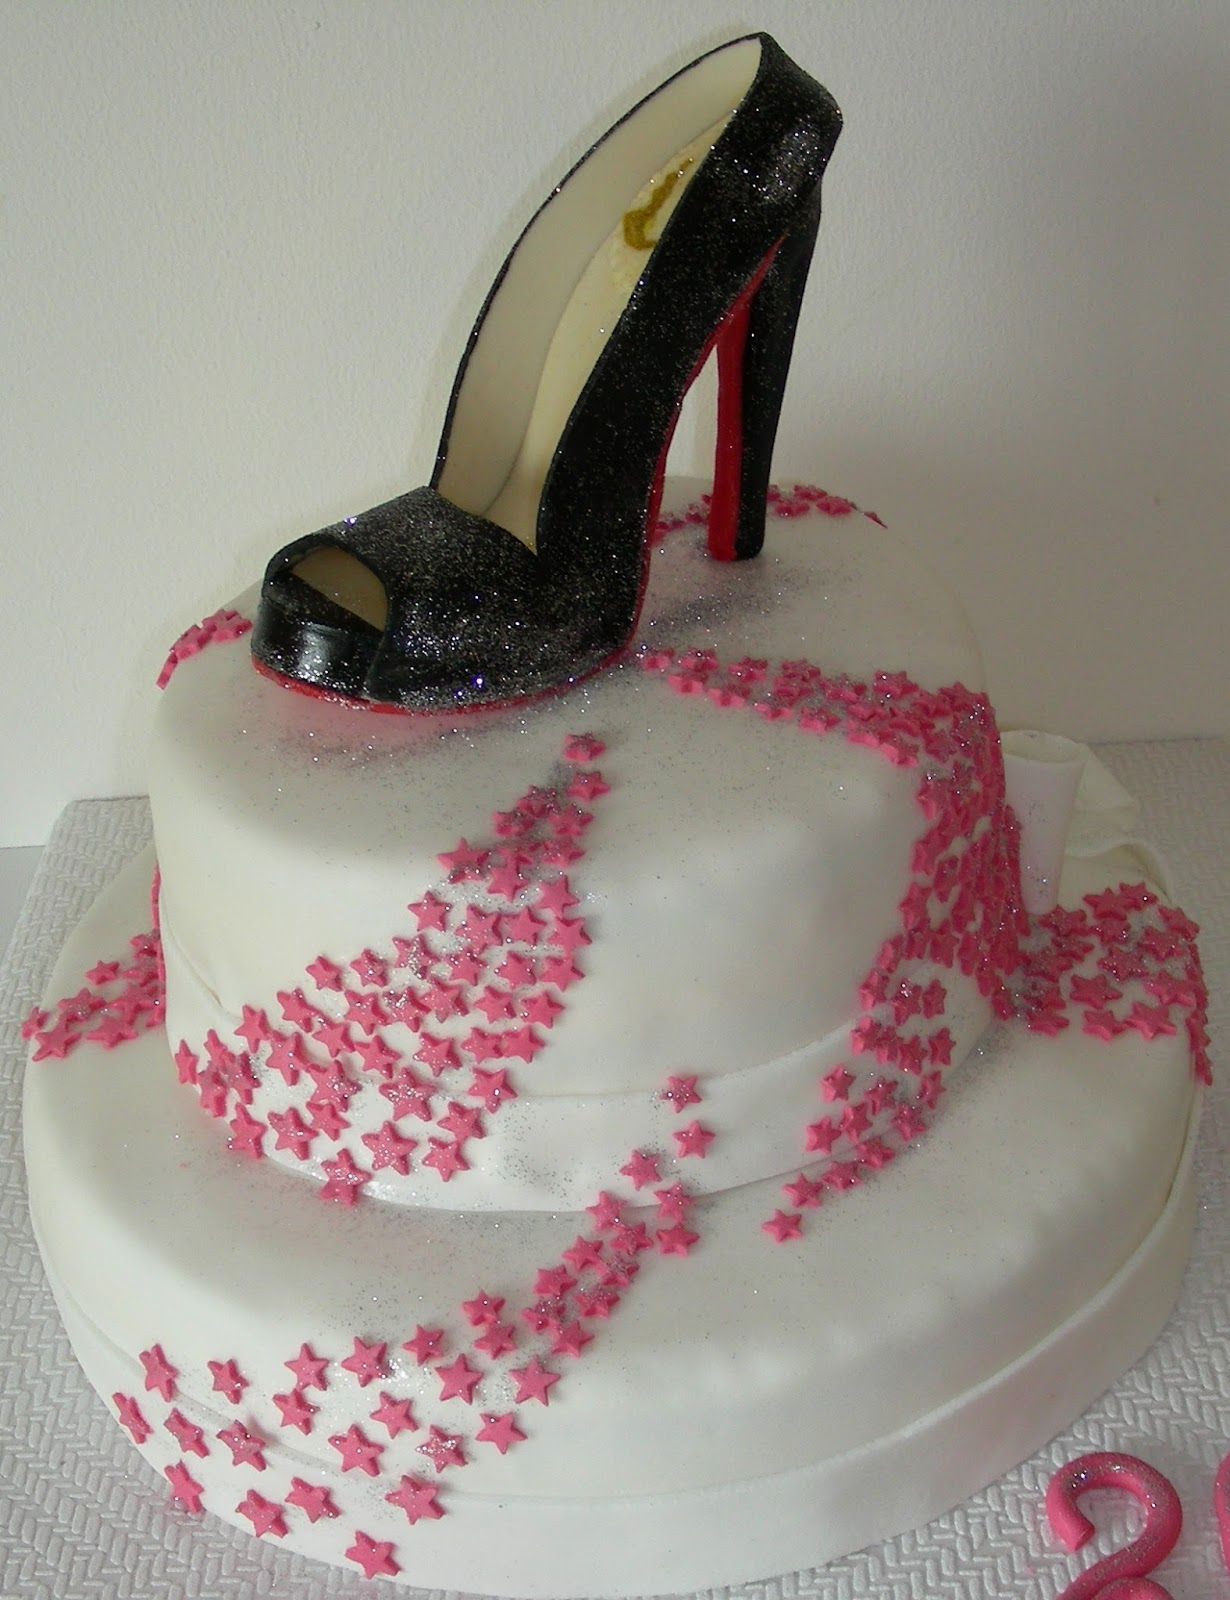 Gâteau Danniversaire Avec Une Chaussure En Pâte à Sucre Gateaux D